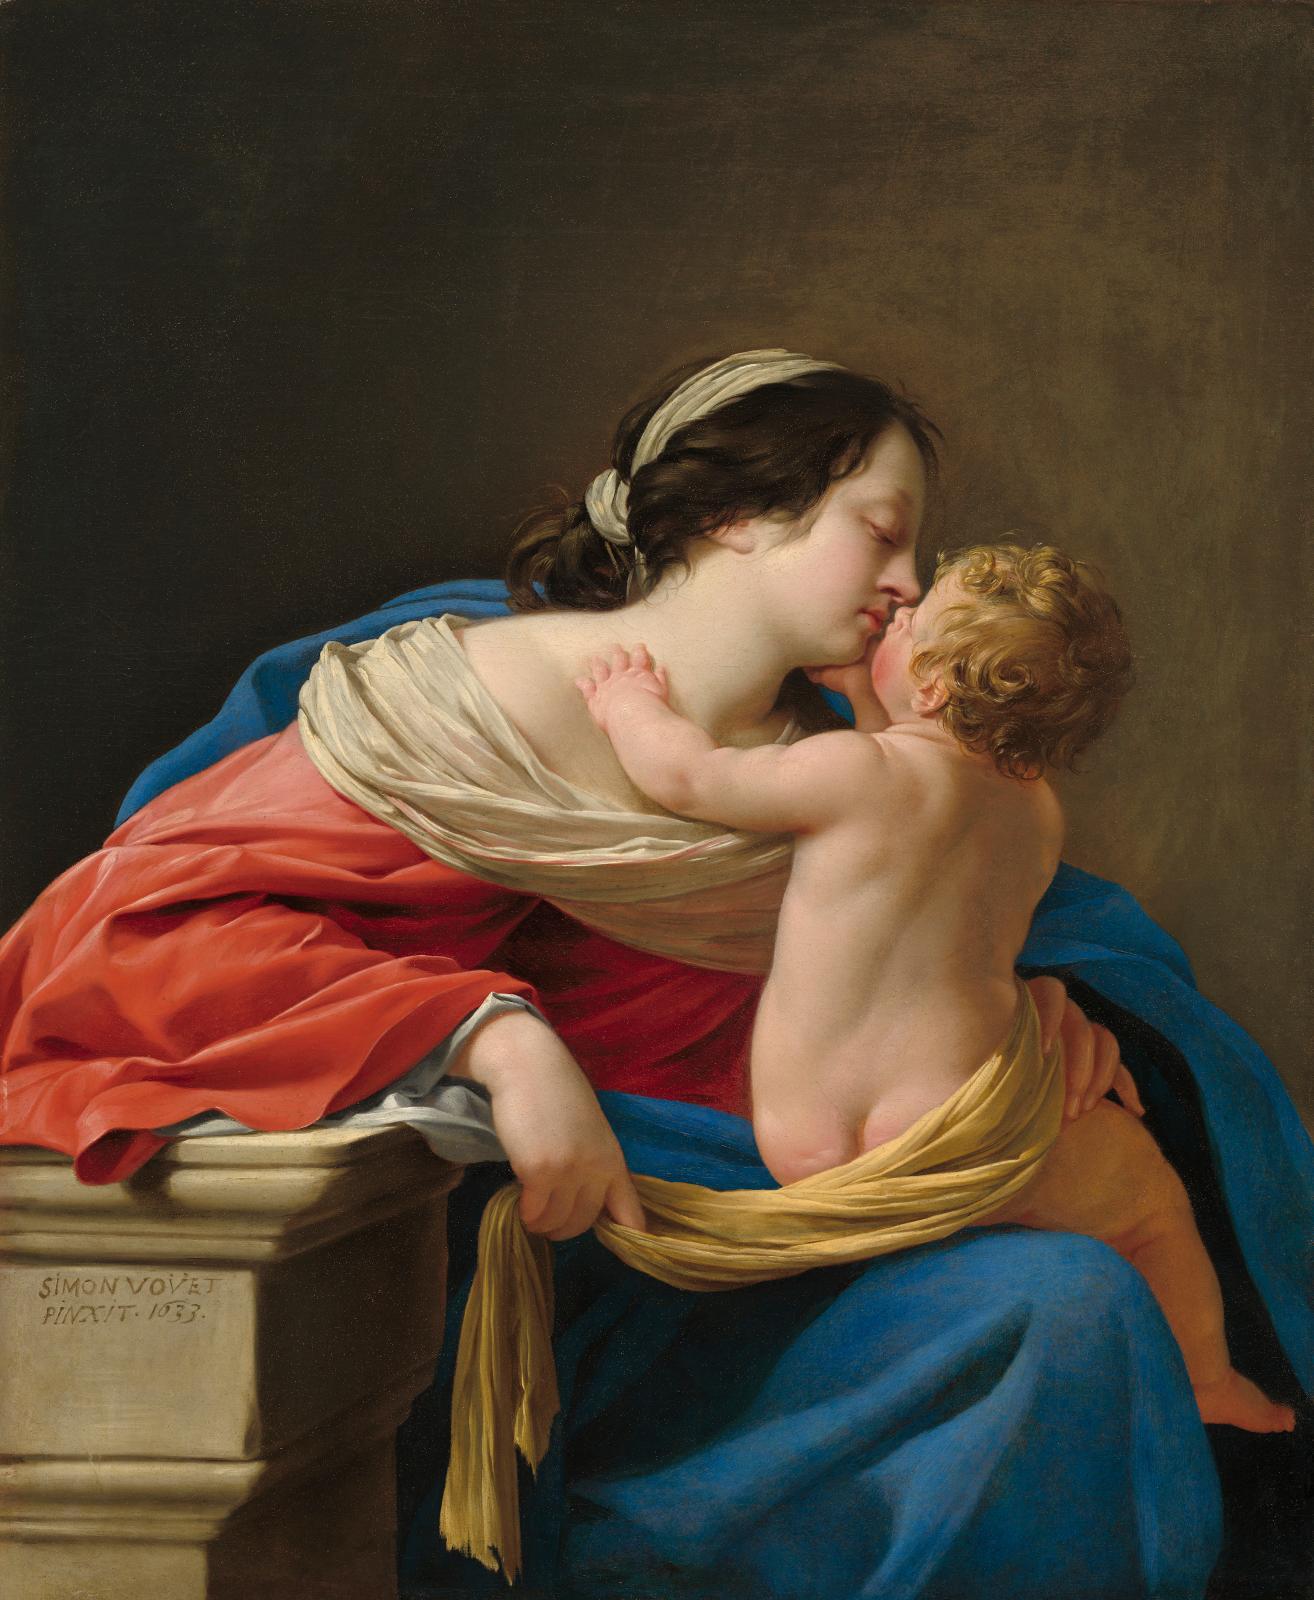 Simon Vouet (1590-1649), Vierge à l'Enfant (Virgin and Child), 1633, oil on canvas, 110.3 x 89.4 cm.